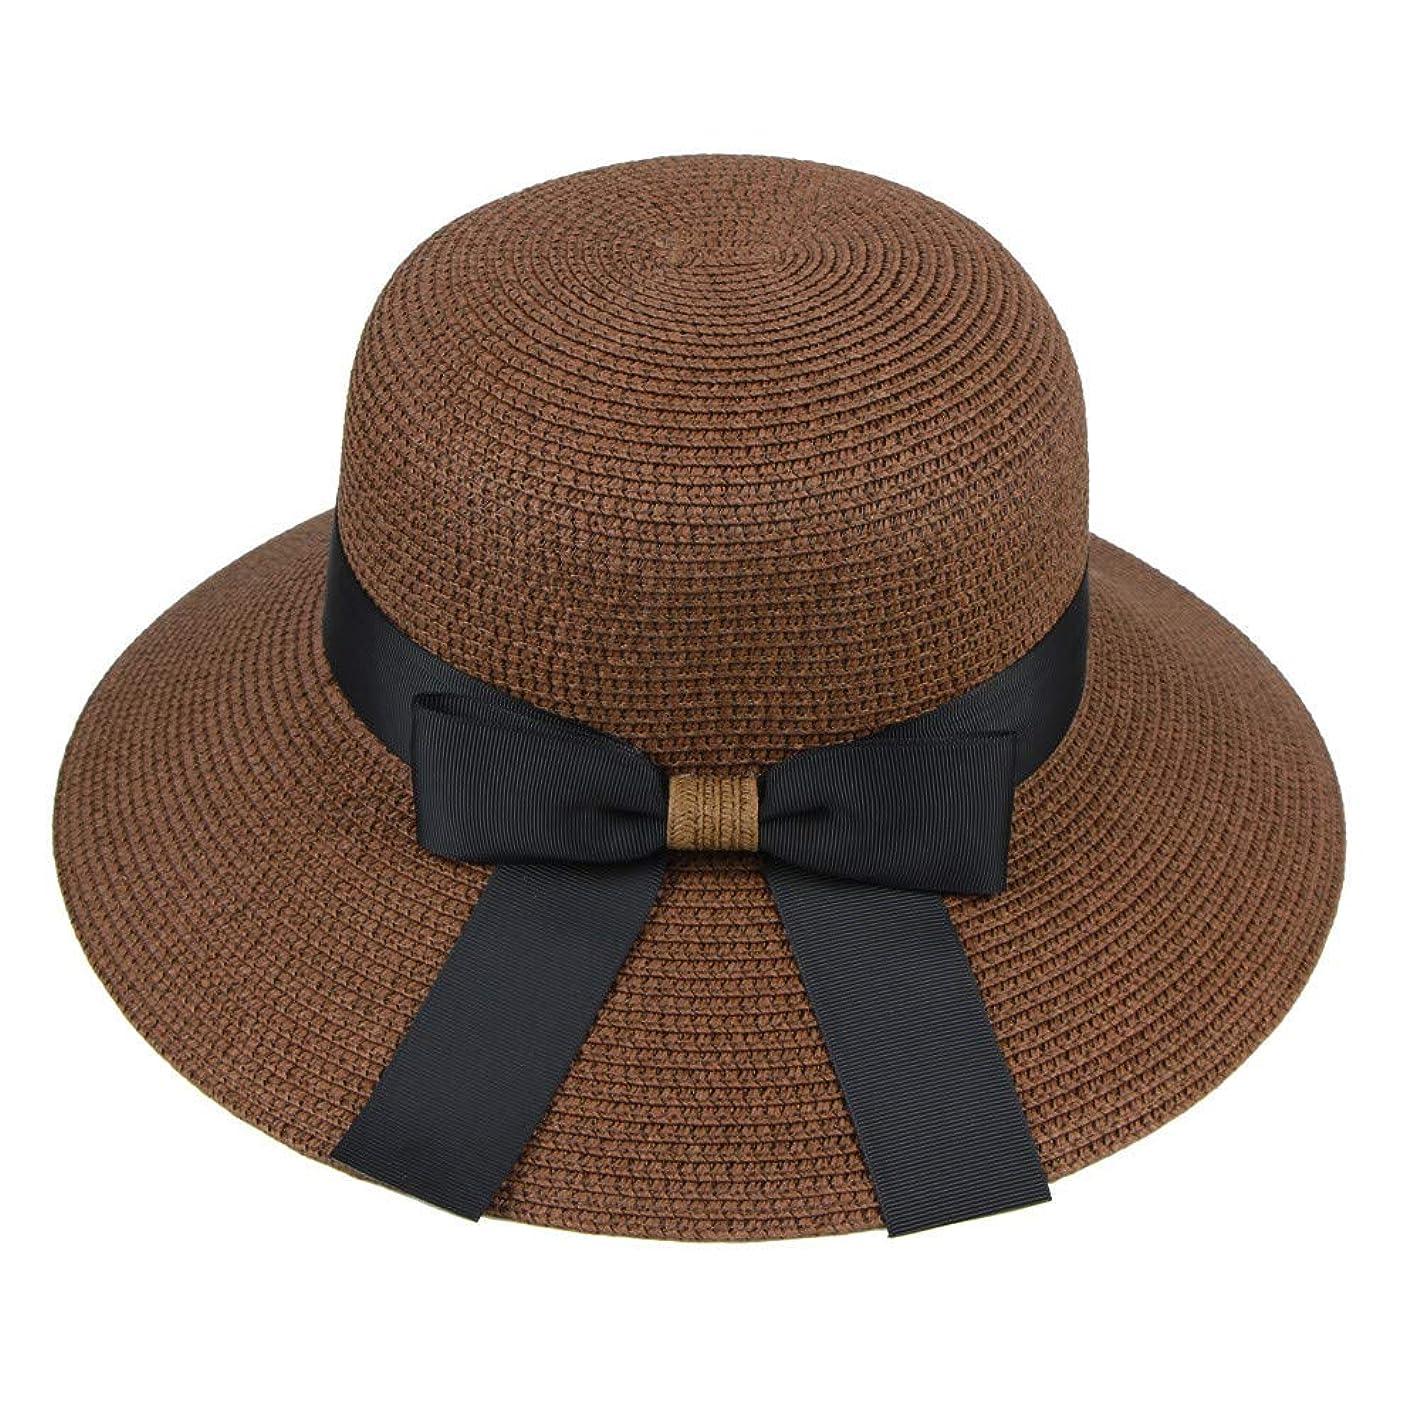 小人祭りもっともらしい漁師帽 帽子 レディース UVカット 帽子 夏季 海 旅行 UV帽子 日焼け防止 つば広 取り外すあご紐 おしゃれ 可愛い ワイルド カジュアル スタイル ファッション シンプル 夏 ビーチ 必須 小顔効果 ROSE ROMAN